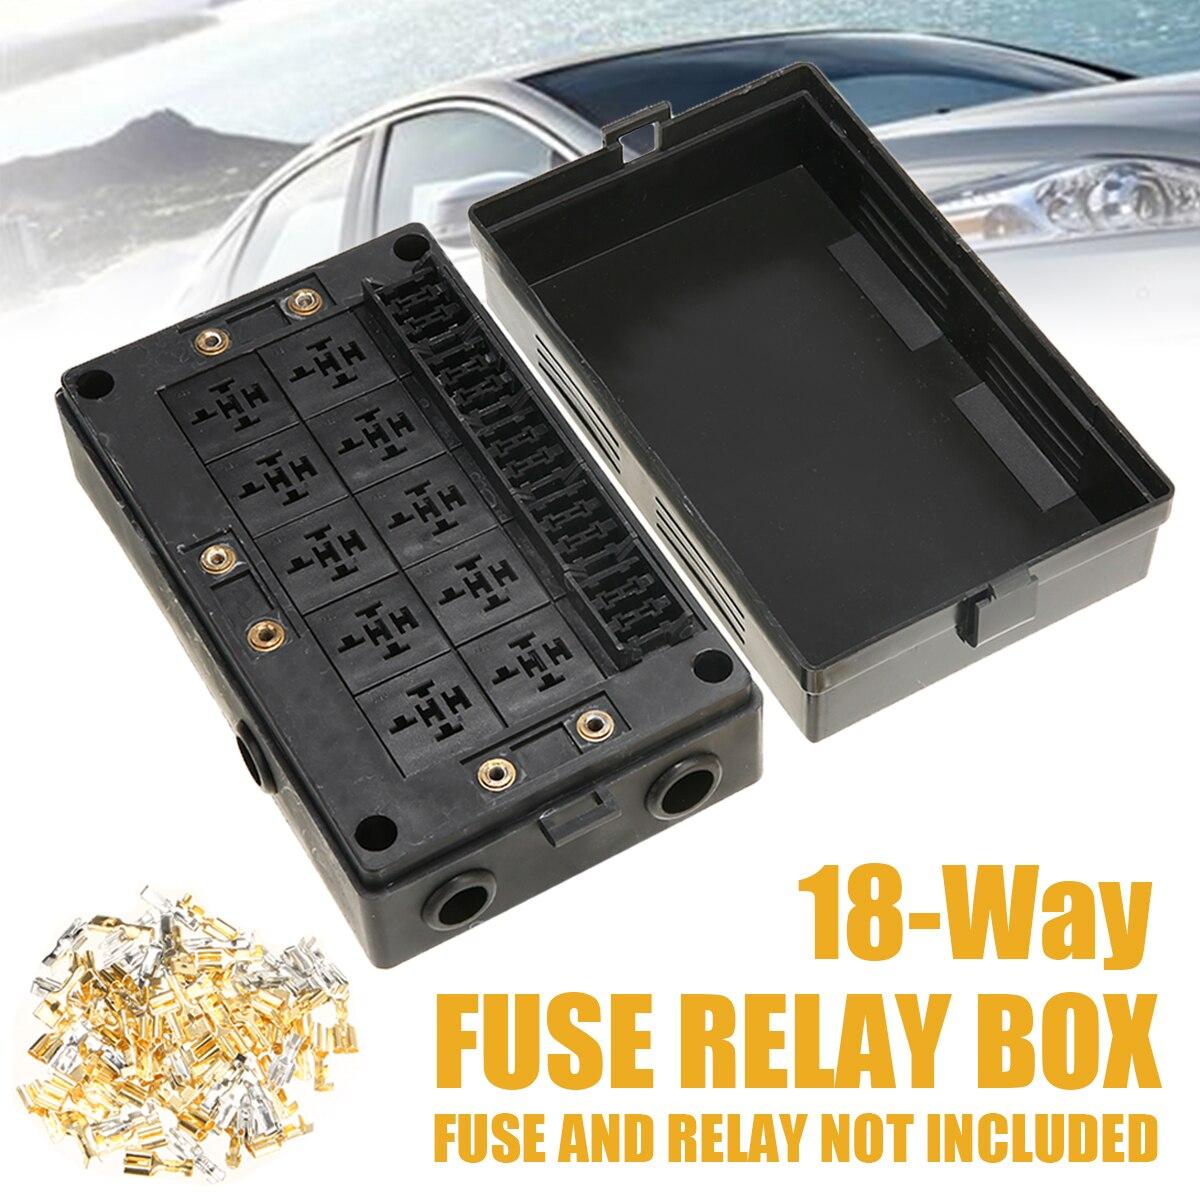 1x porte fusible pour voiture prise relais boîte noire 18 voies lame porte-fusible voiture automobile assurance pour automobile Marine RV